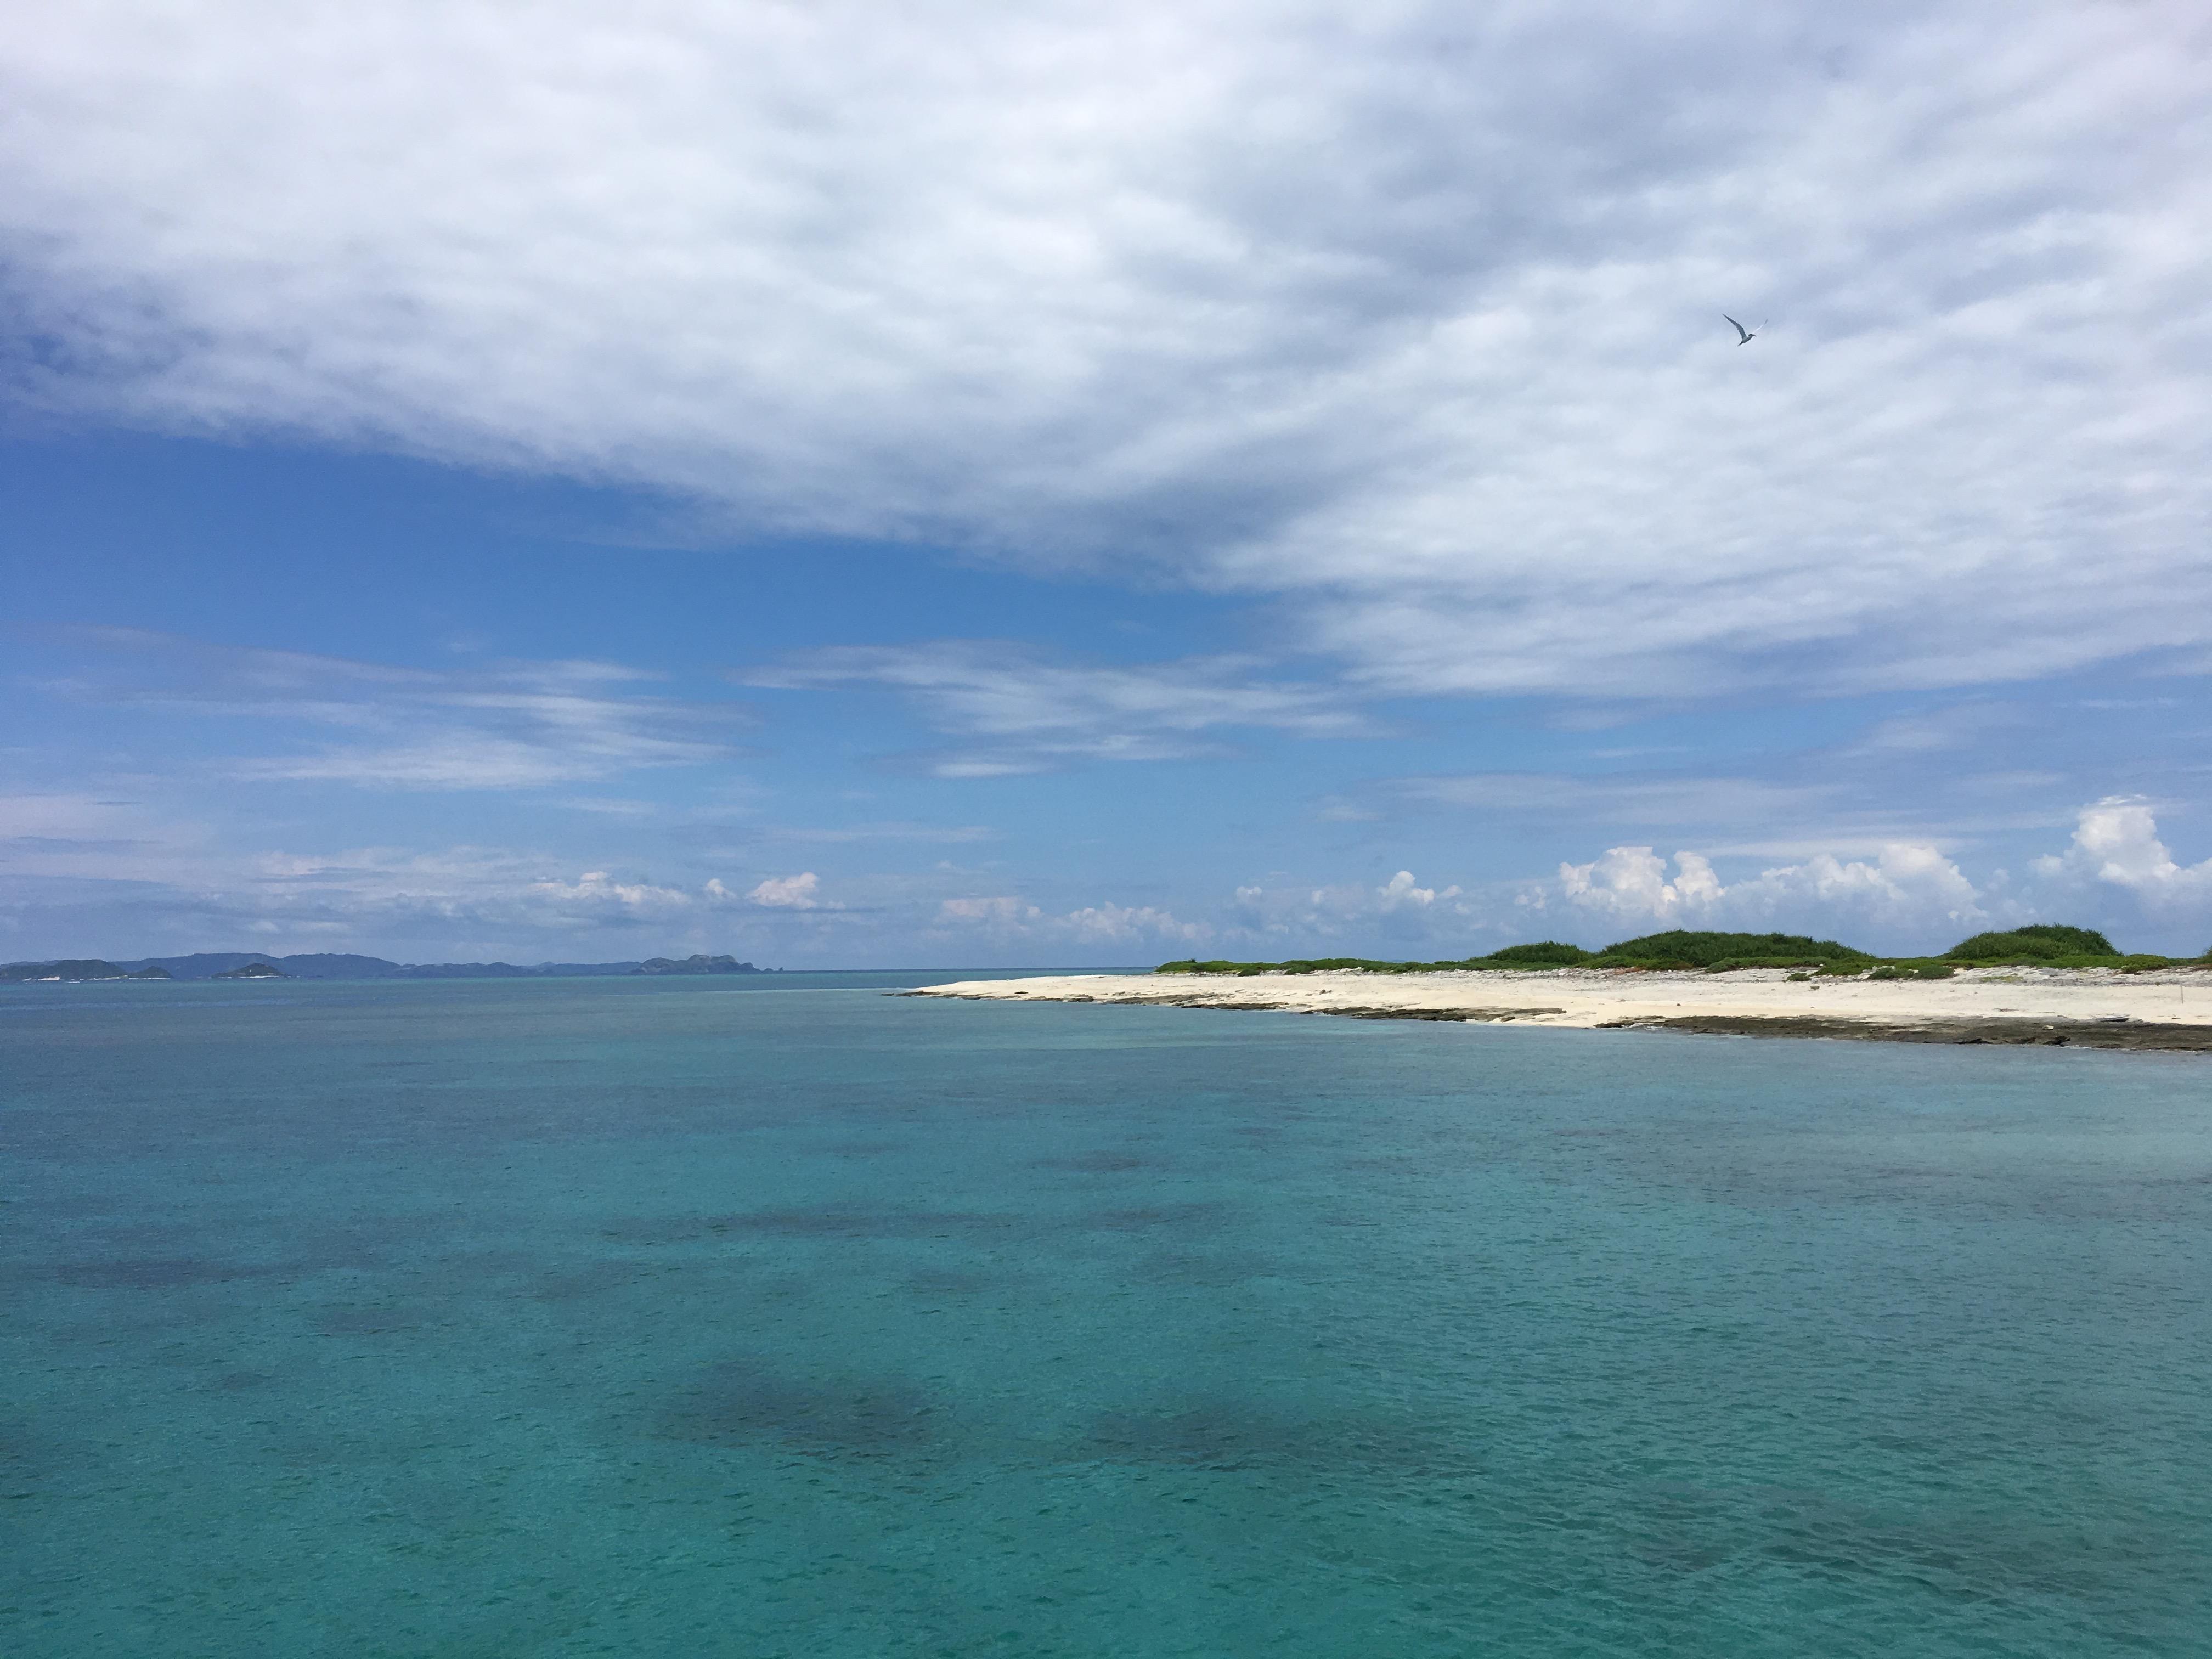 小学生と沖縄家族旅行!沖縄本島から石垣島に行ってきたよ!(マイル航空券とホテル予約)